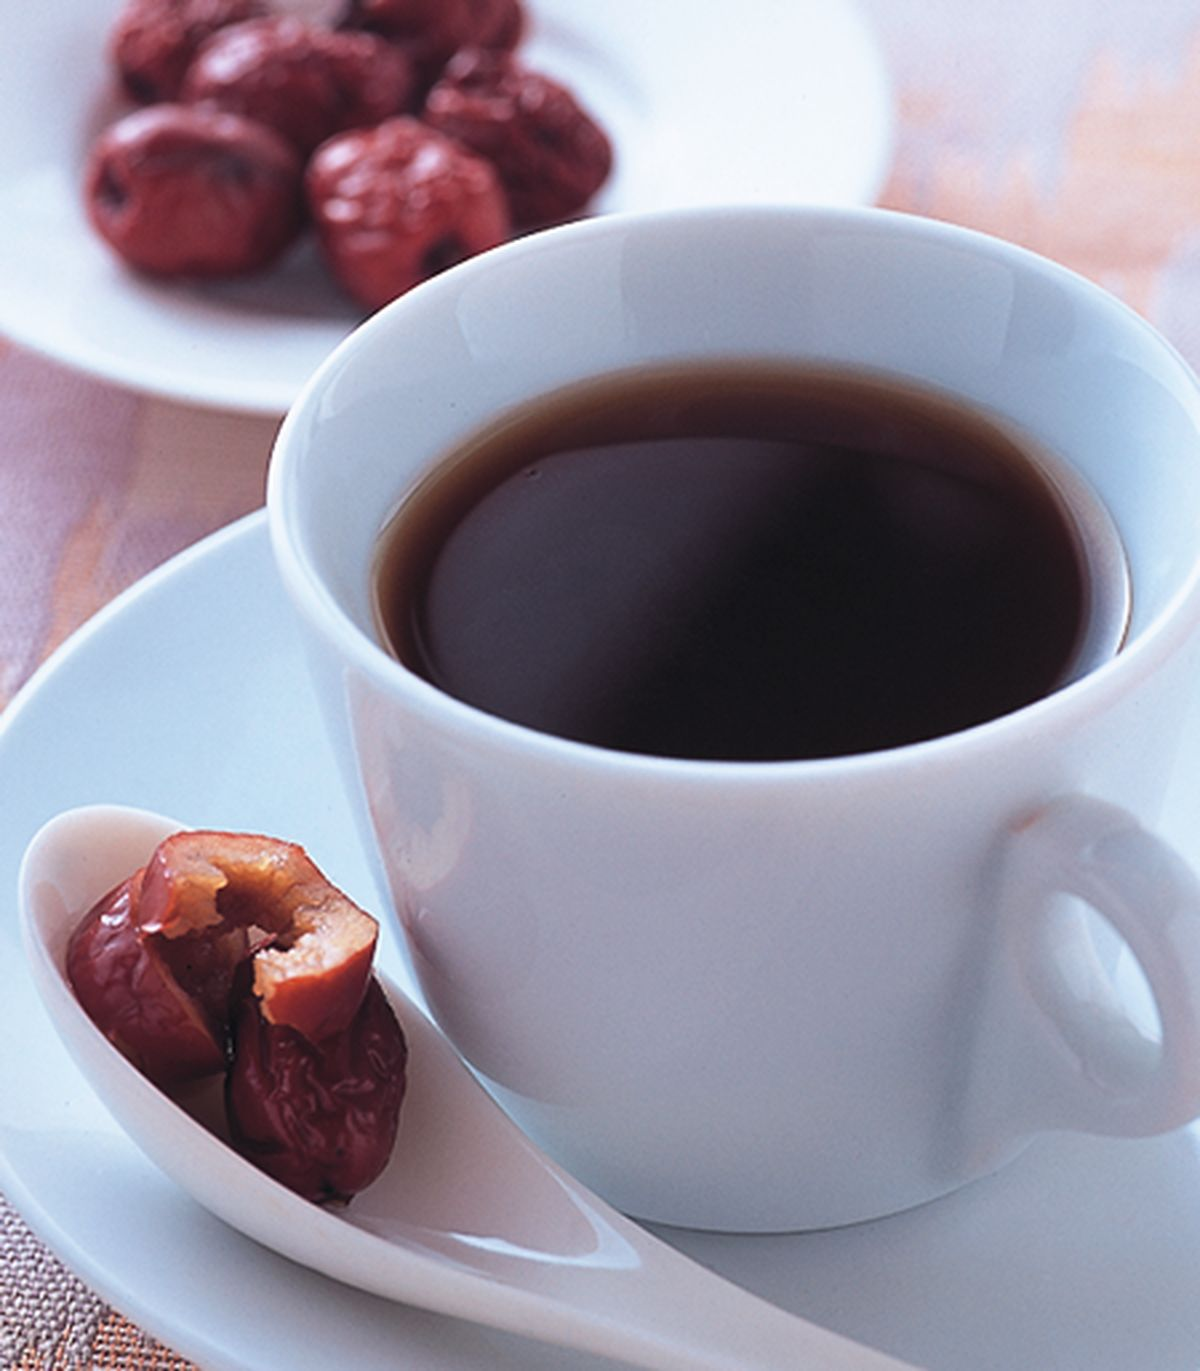 食譜:桂圓紅棗茶(1)